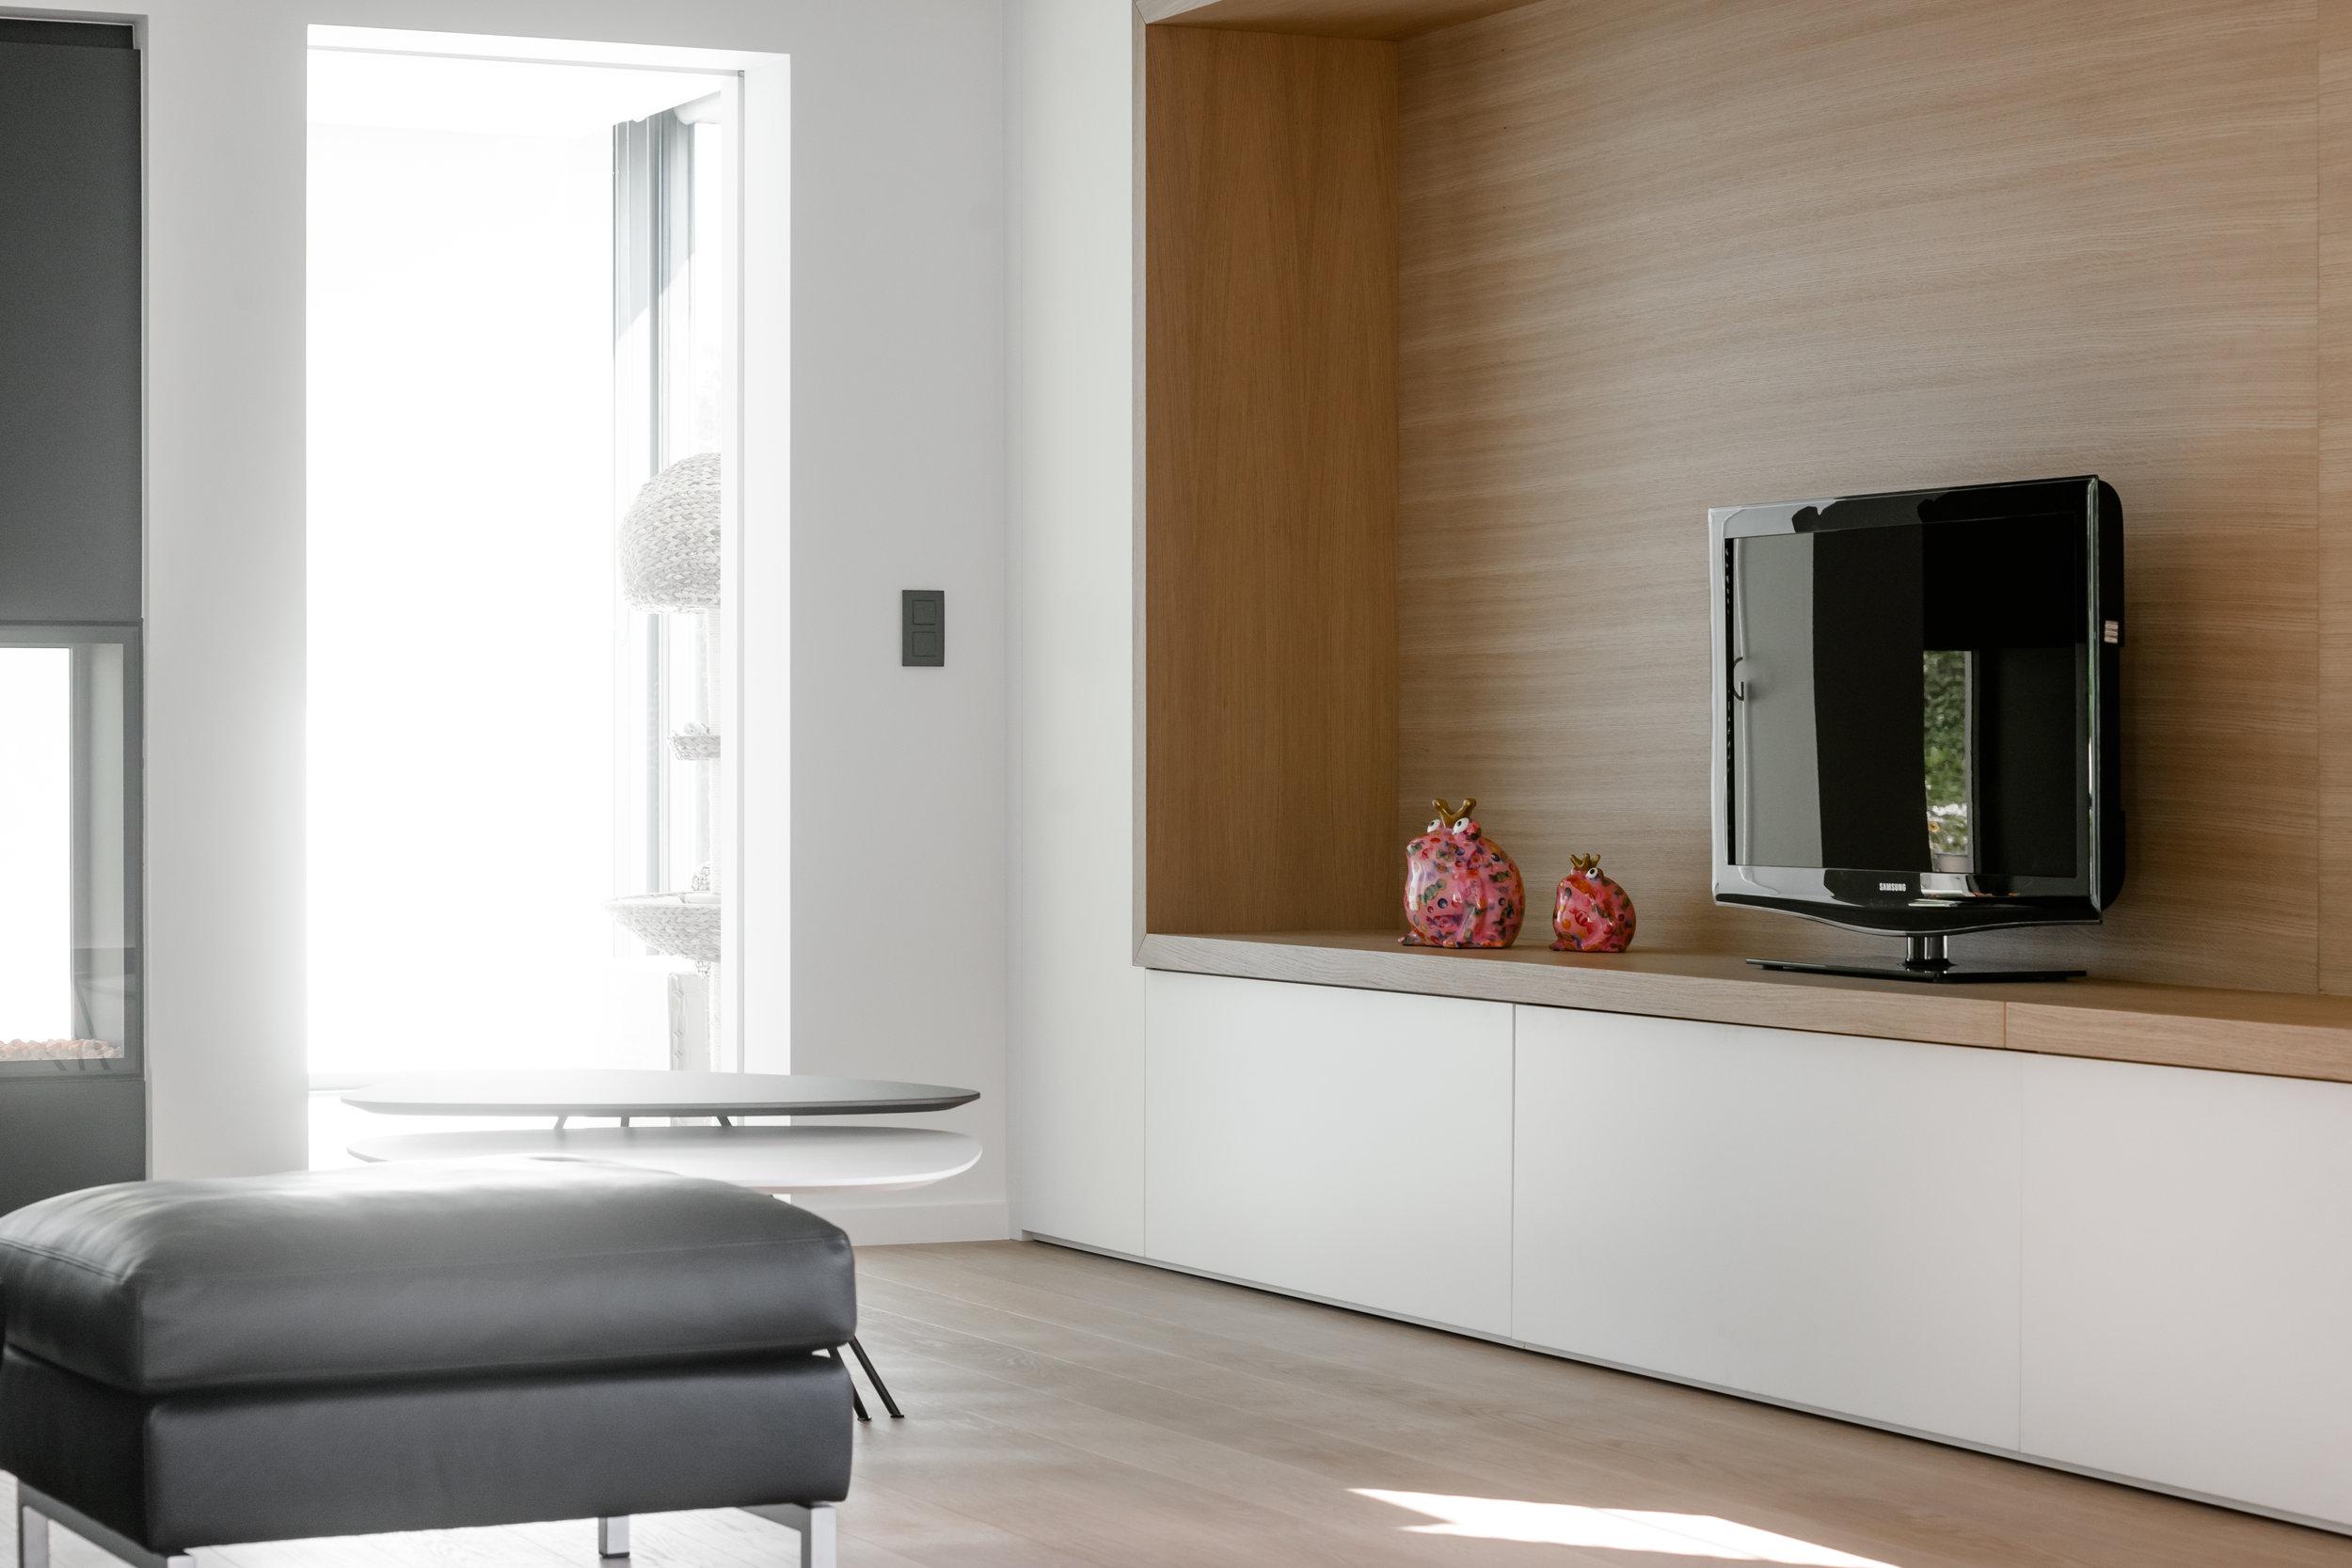 Trendy benedenverdieping met houtaccenten en kurkbehang